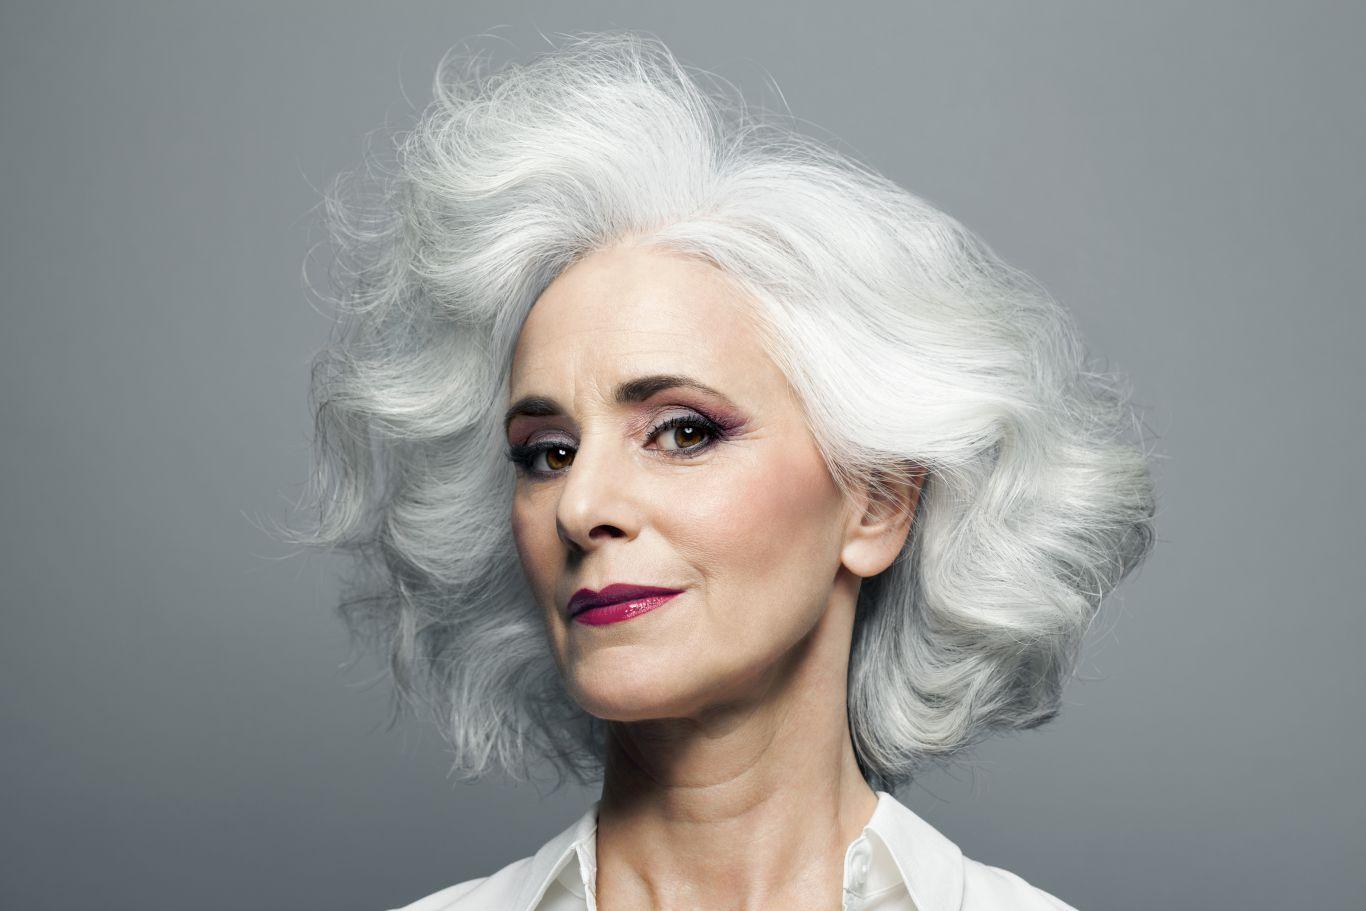 cabelos transição capilar empoderamento